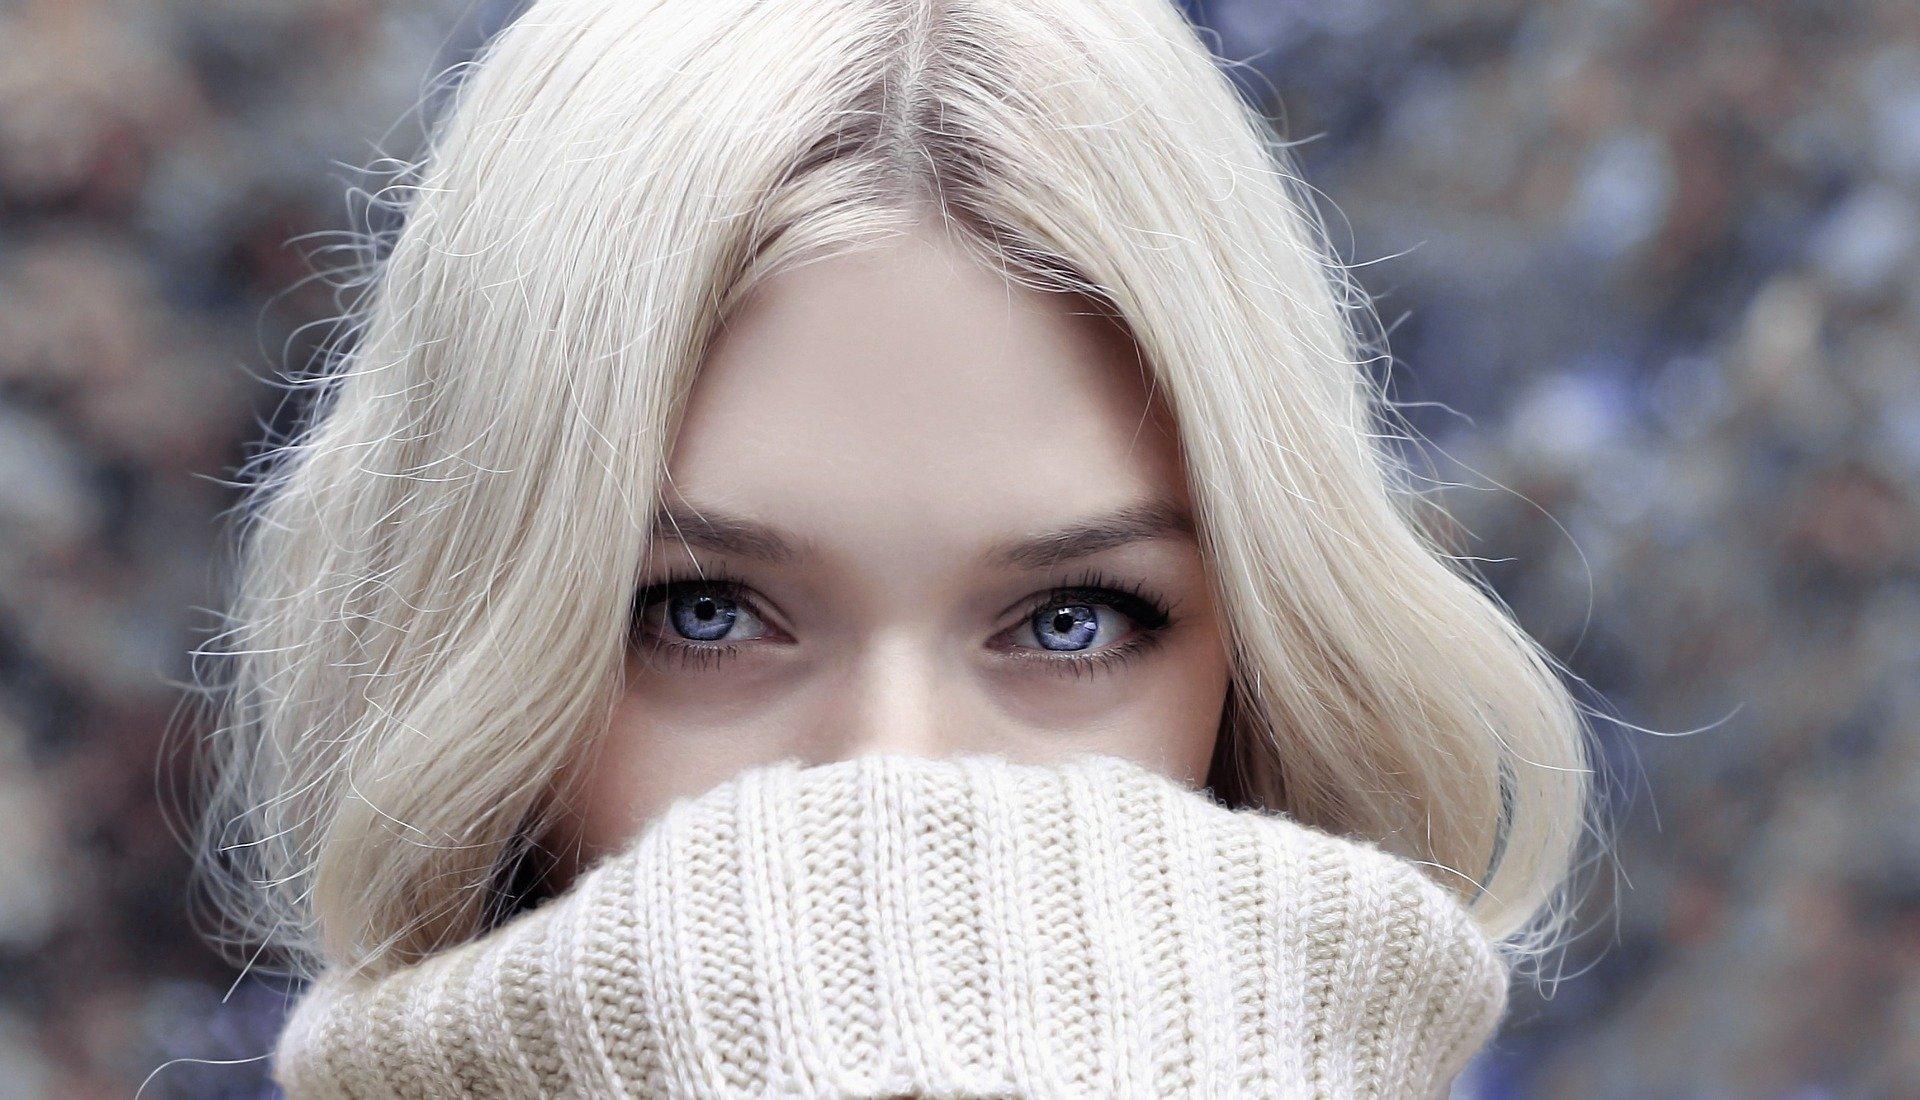 лицо девушки фото